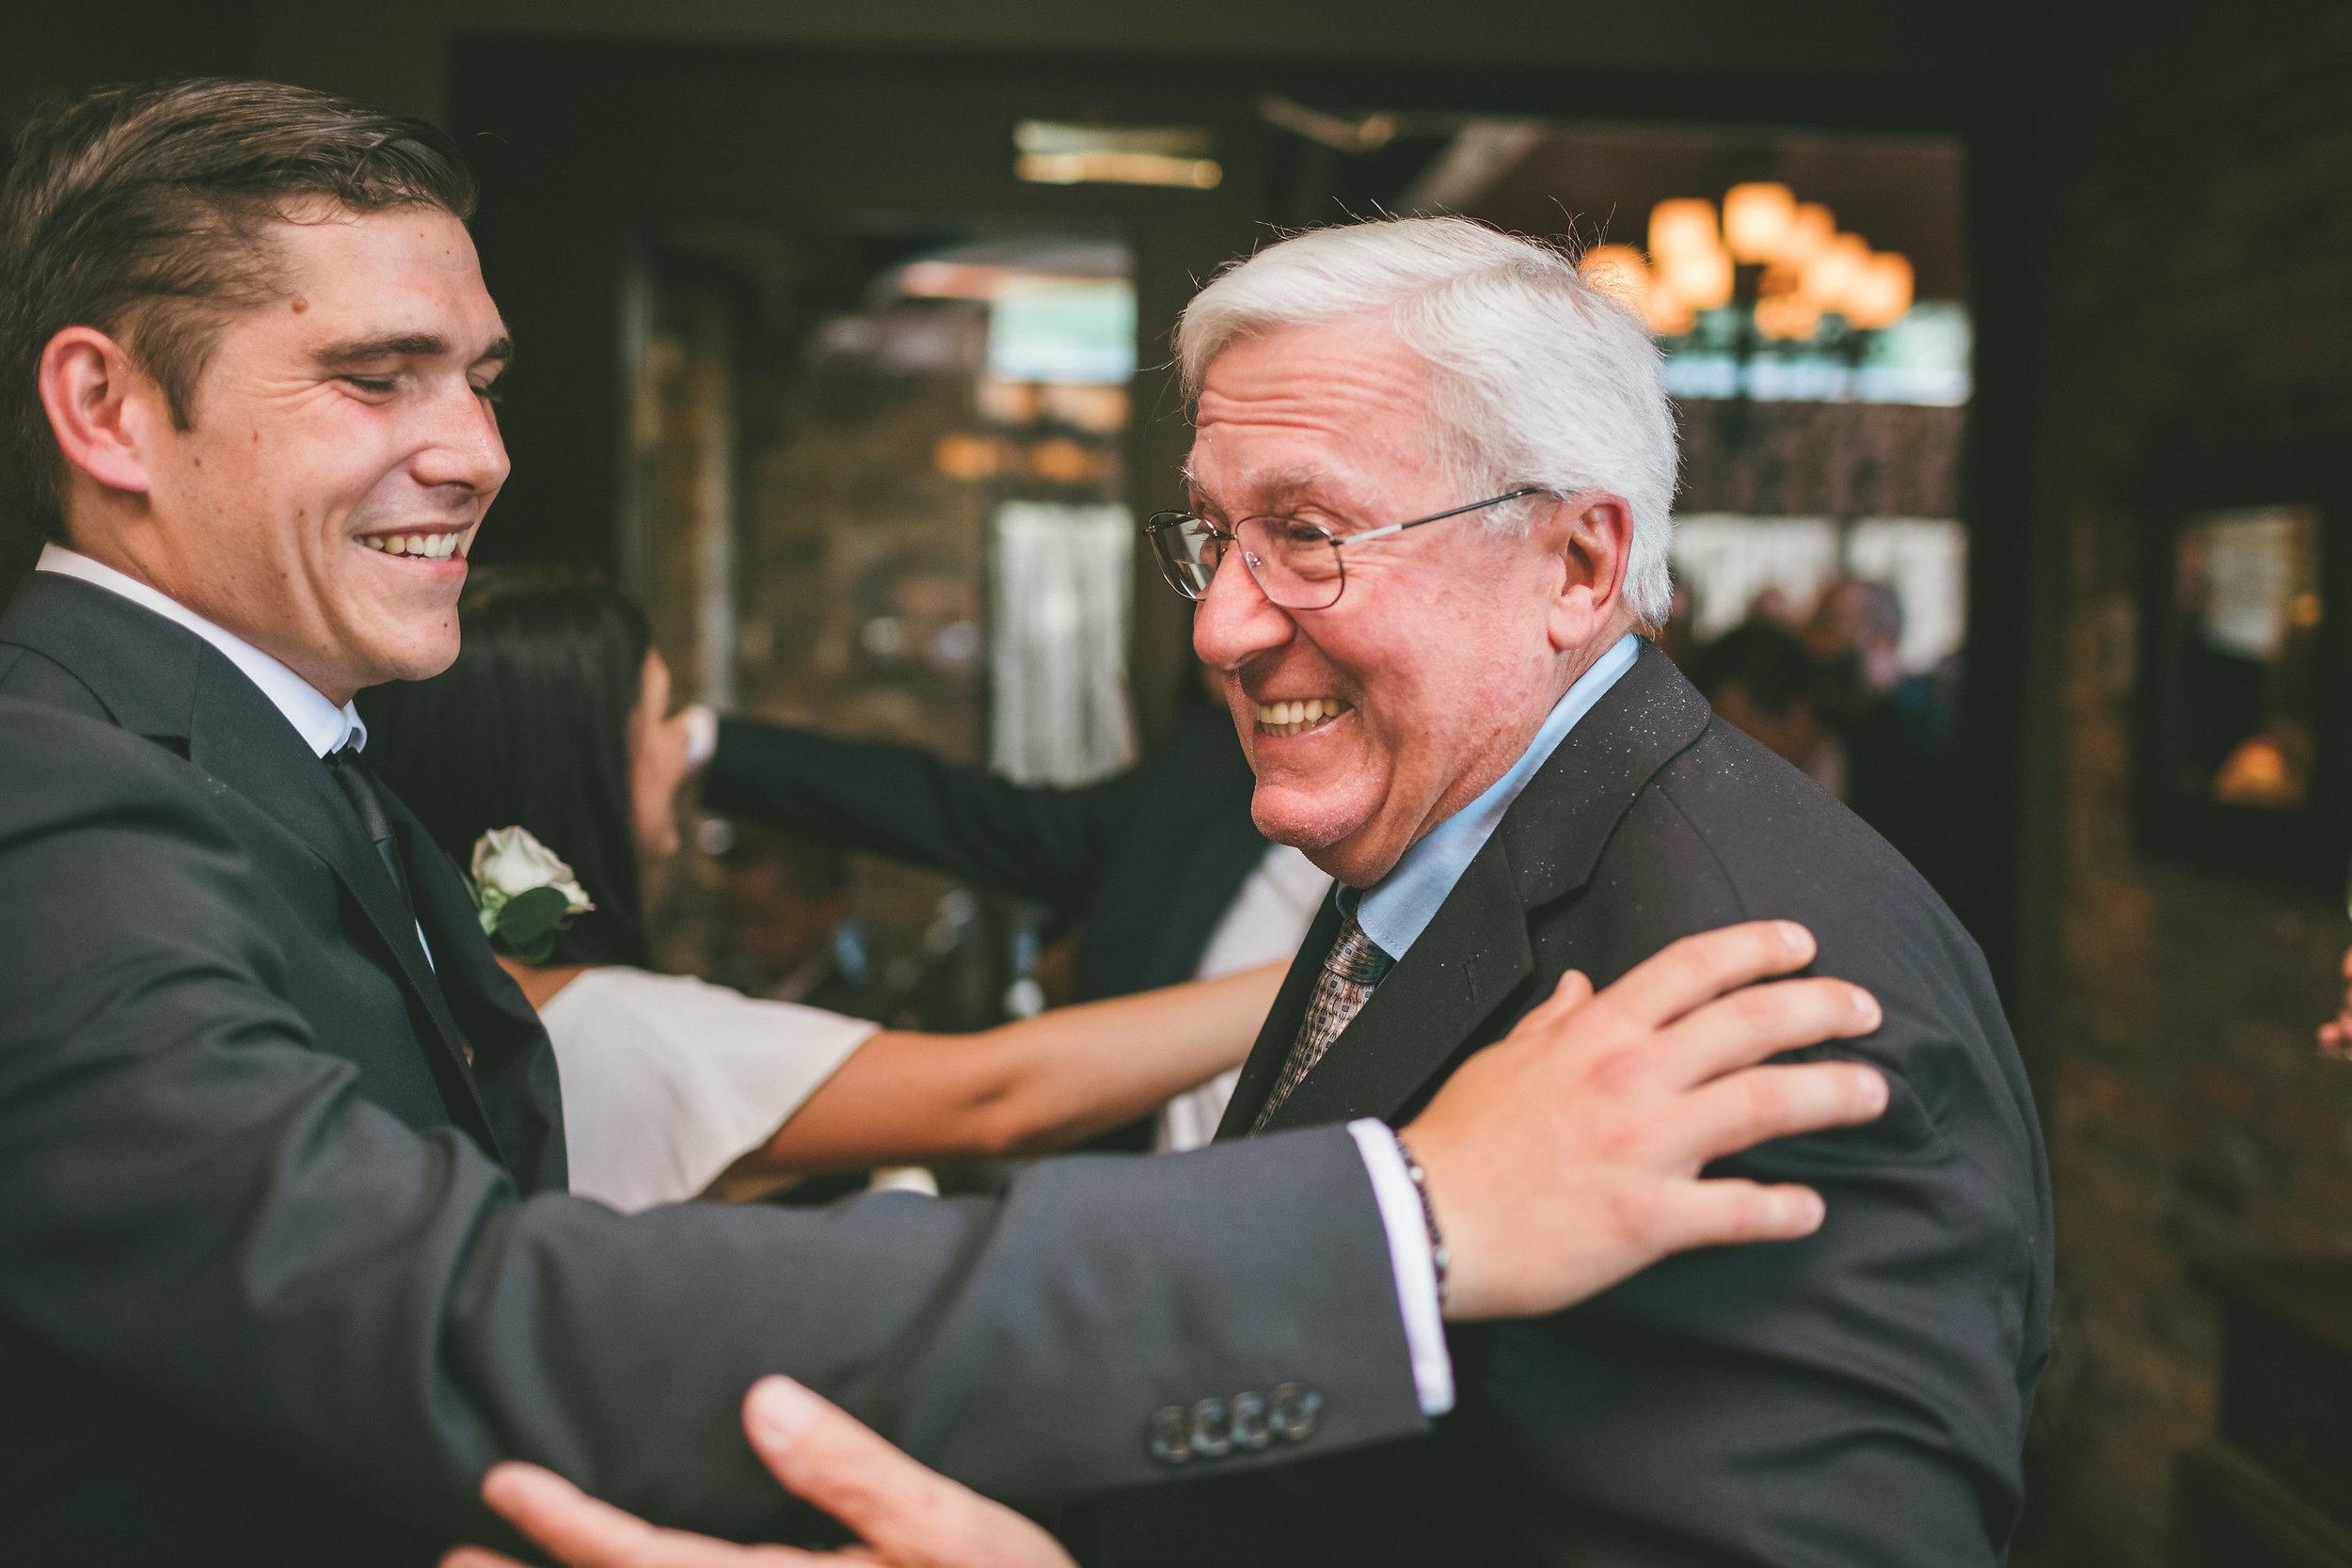 julie___kyle_wedding___lifesreel_danielcaruso___0335.jpg